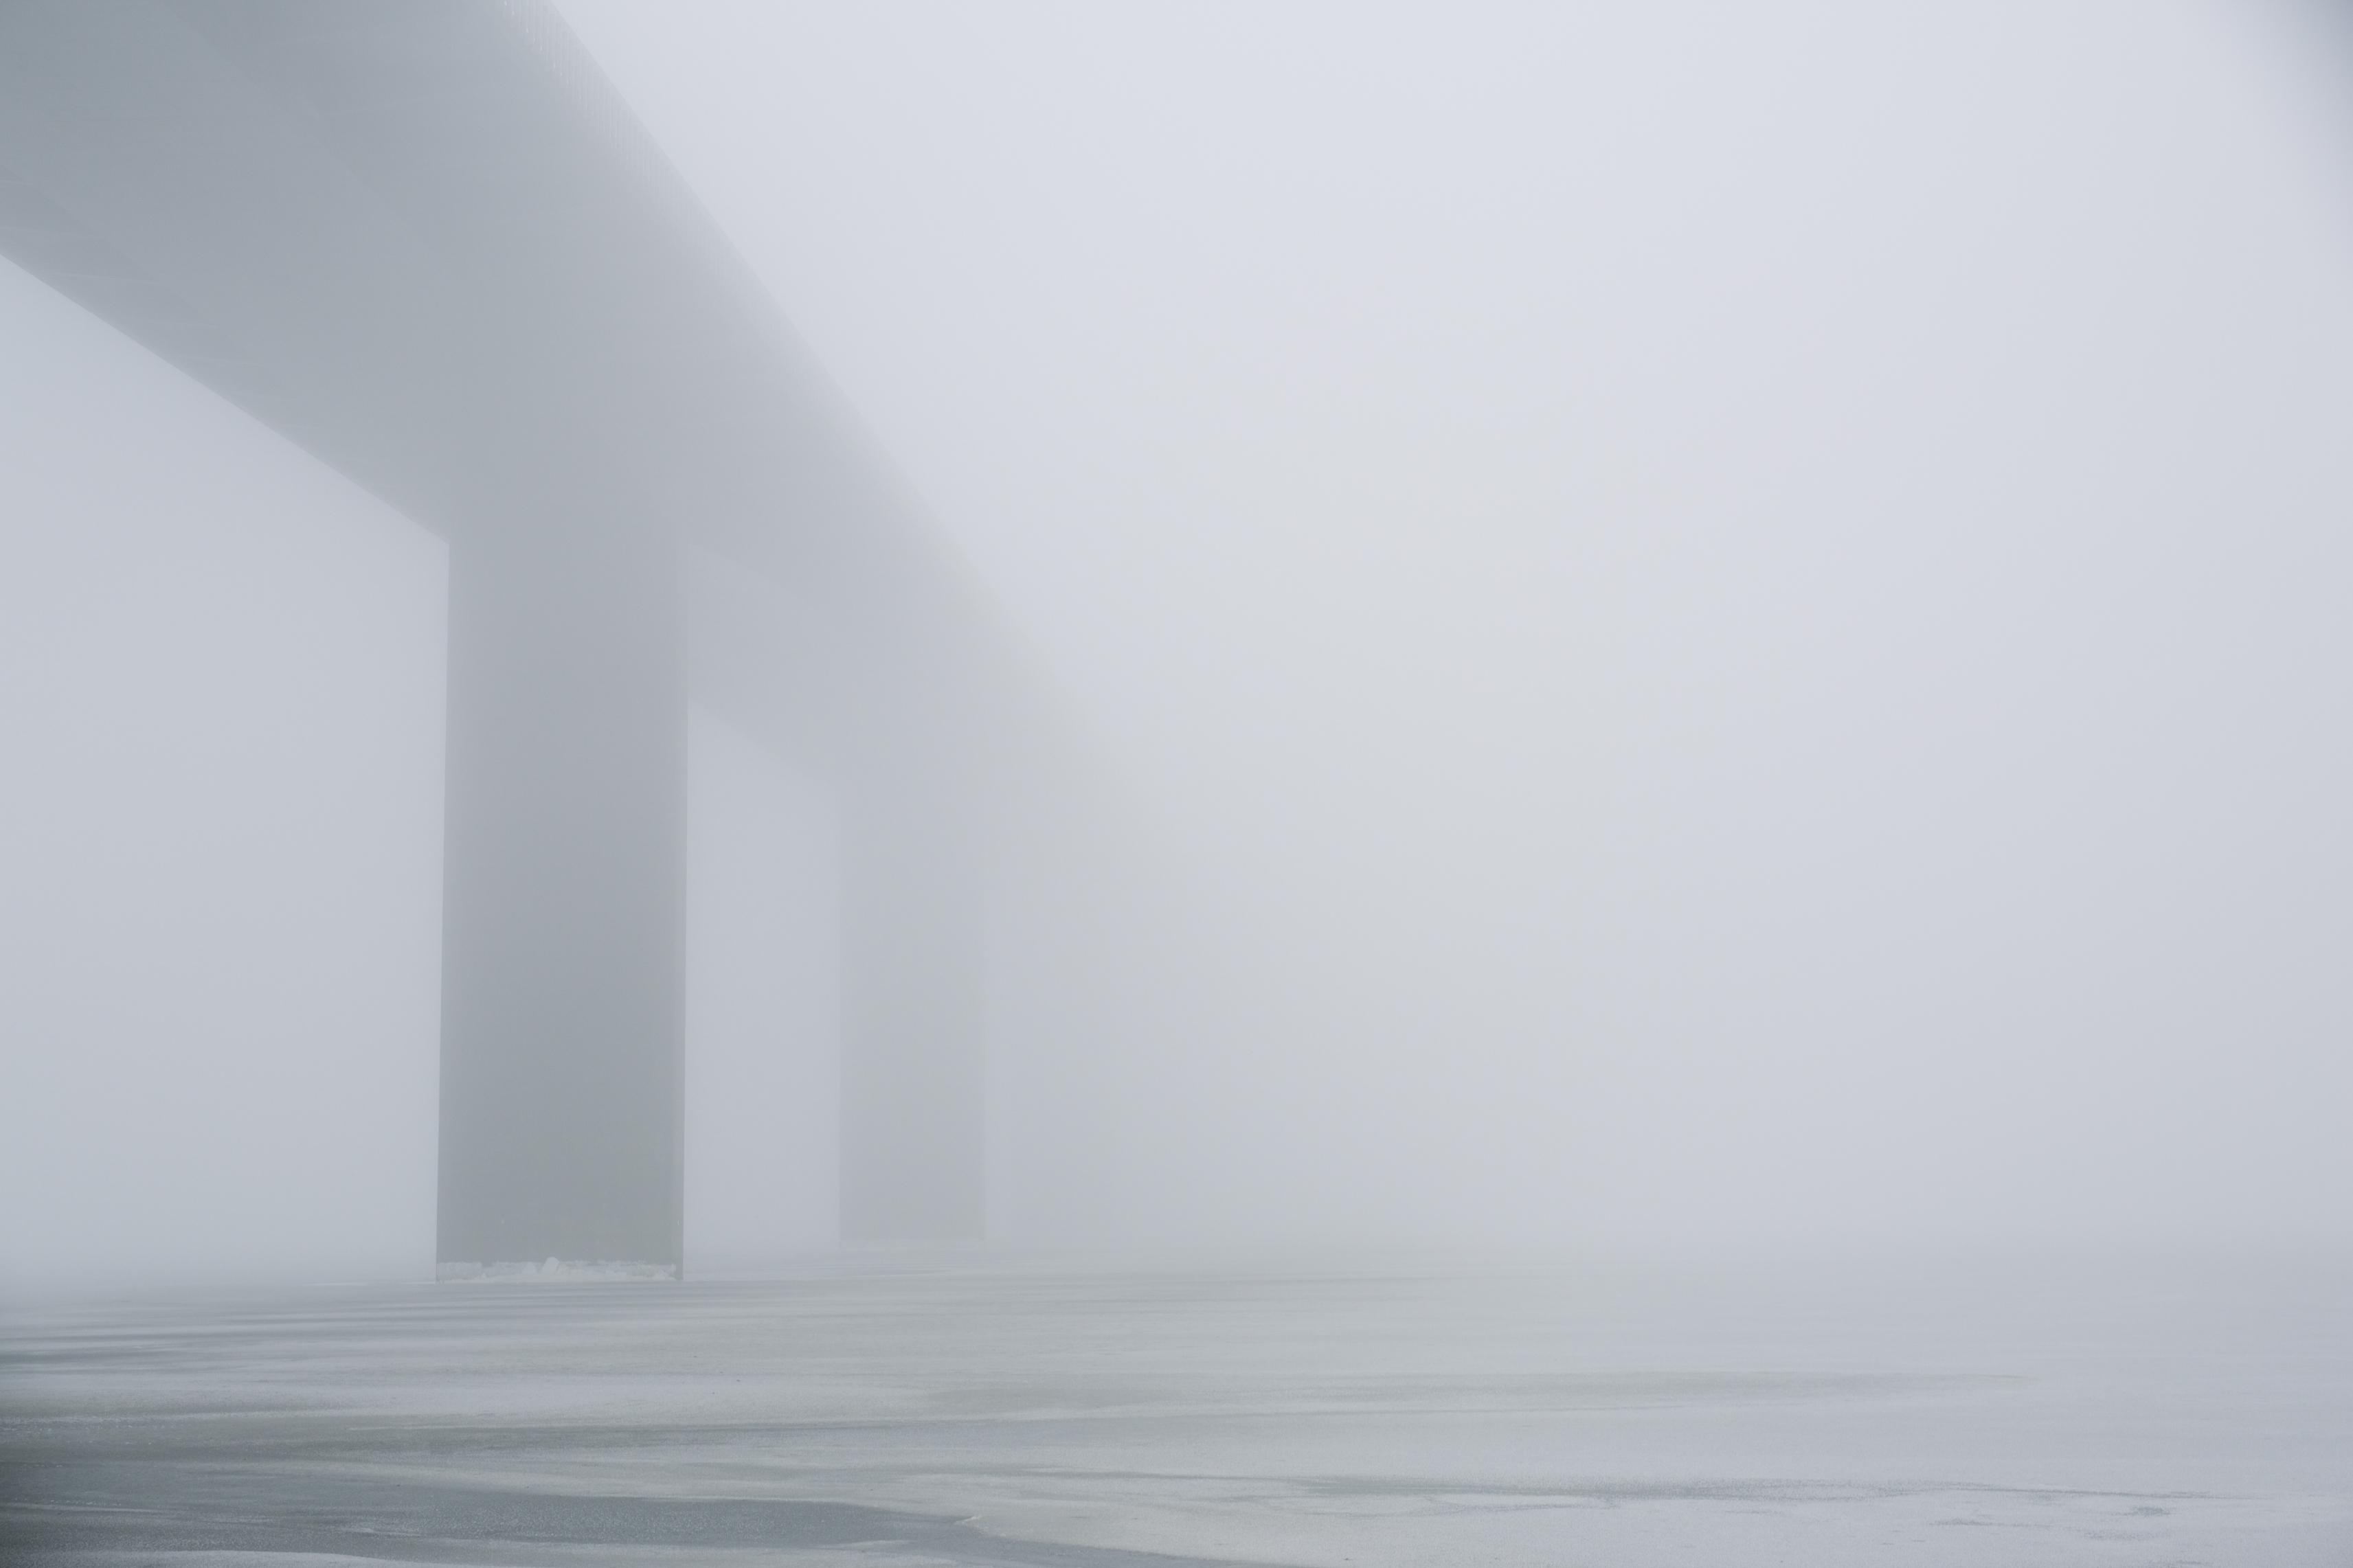 tåge_vejle_marts_fotograf Tine Hvolby_80